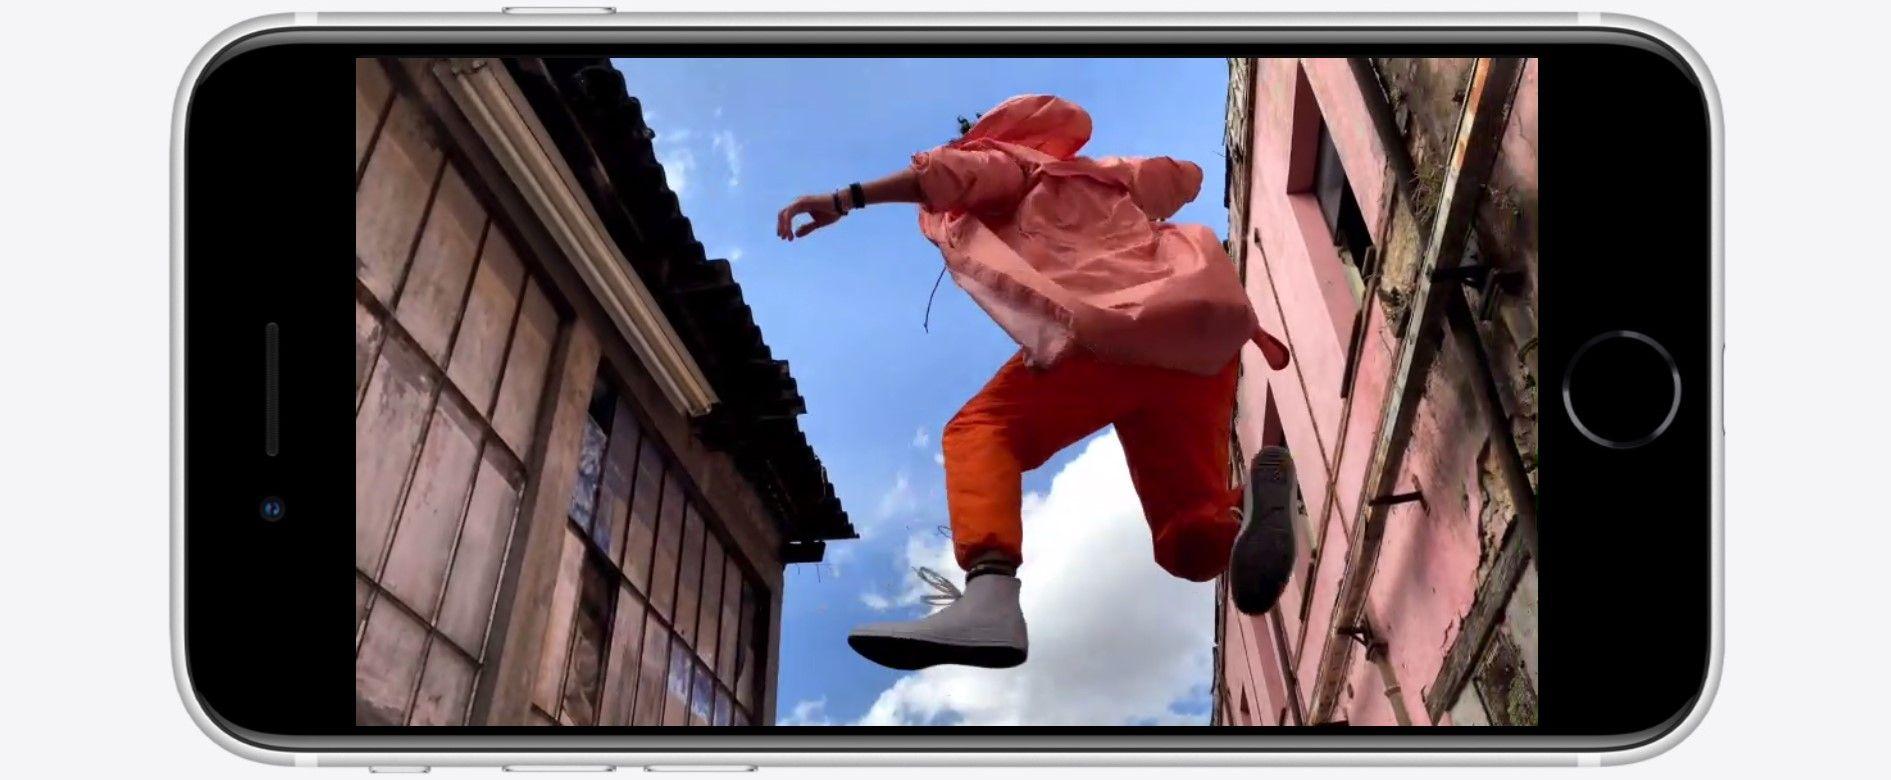 iPhone SE 2020 видео 4к